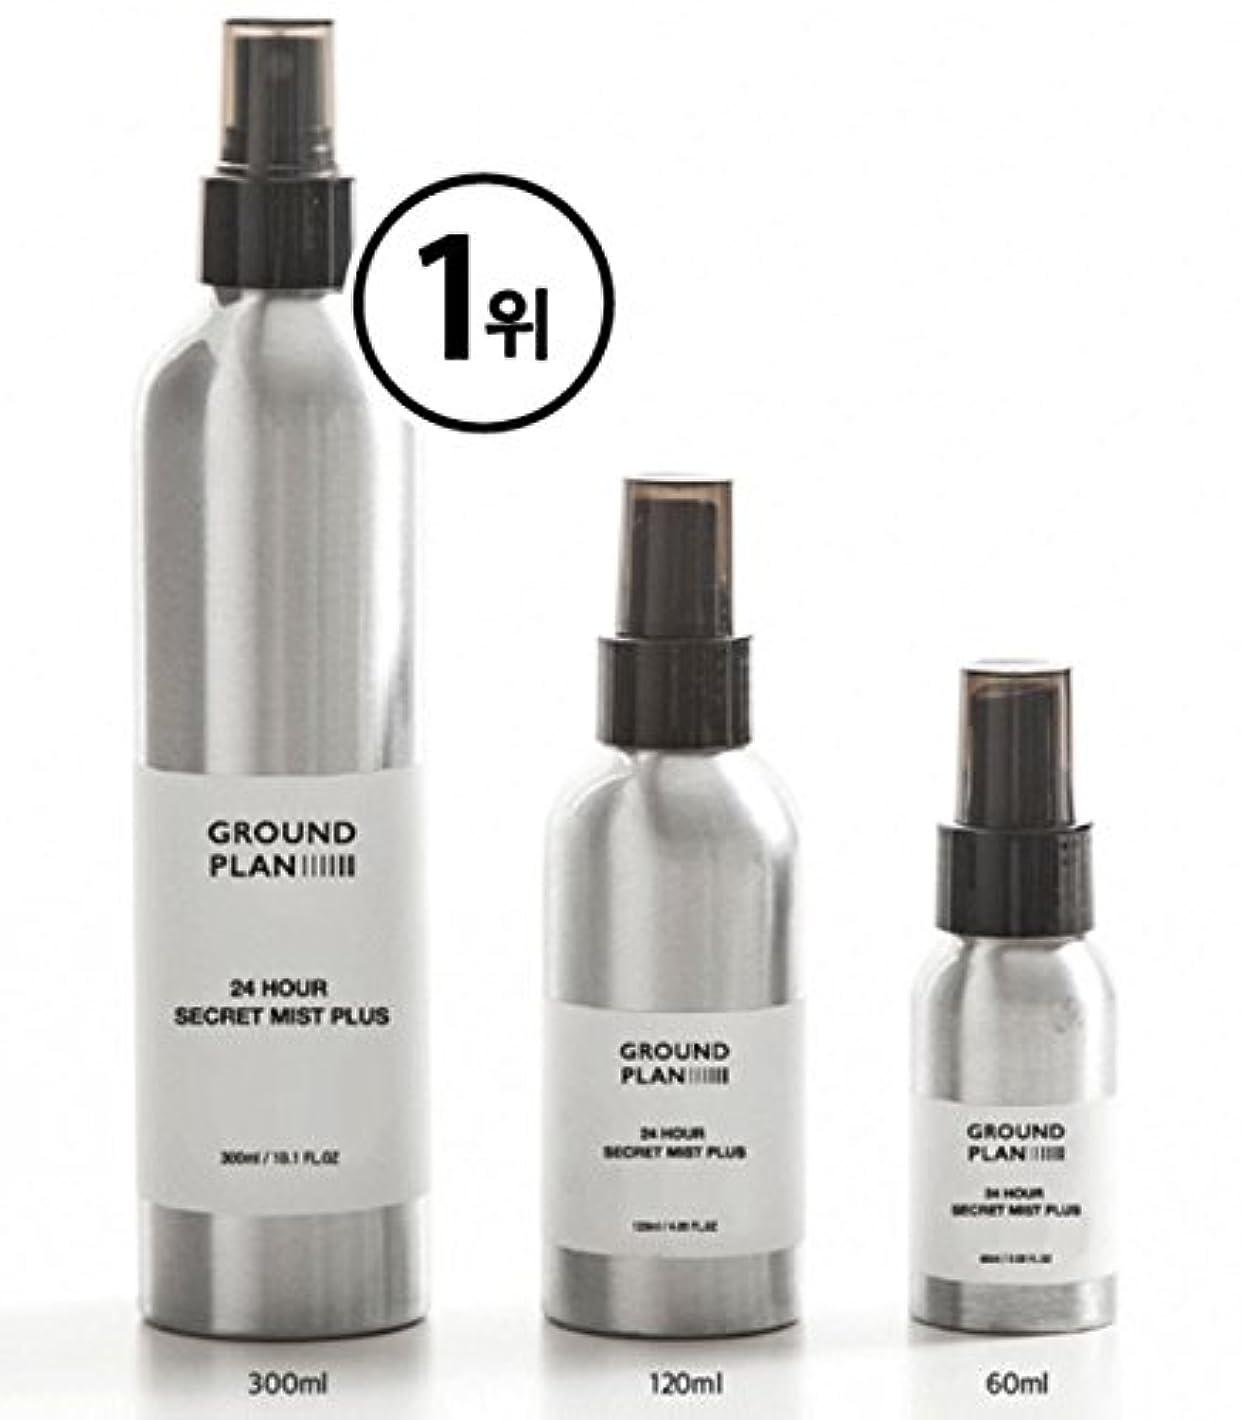 上がるくぼみ無一文[グラウンド?プラン] 24Hour 秘密 スキンミスト Plus (120ml) (300ml) Ground plan 24 Hour Secret Skin Mist Plus [海外直送品] (120ml)